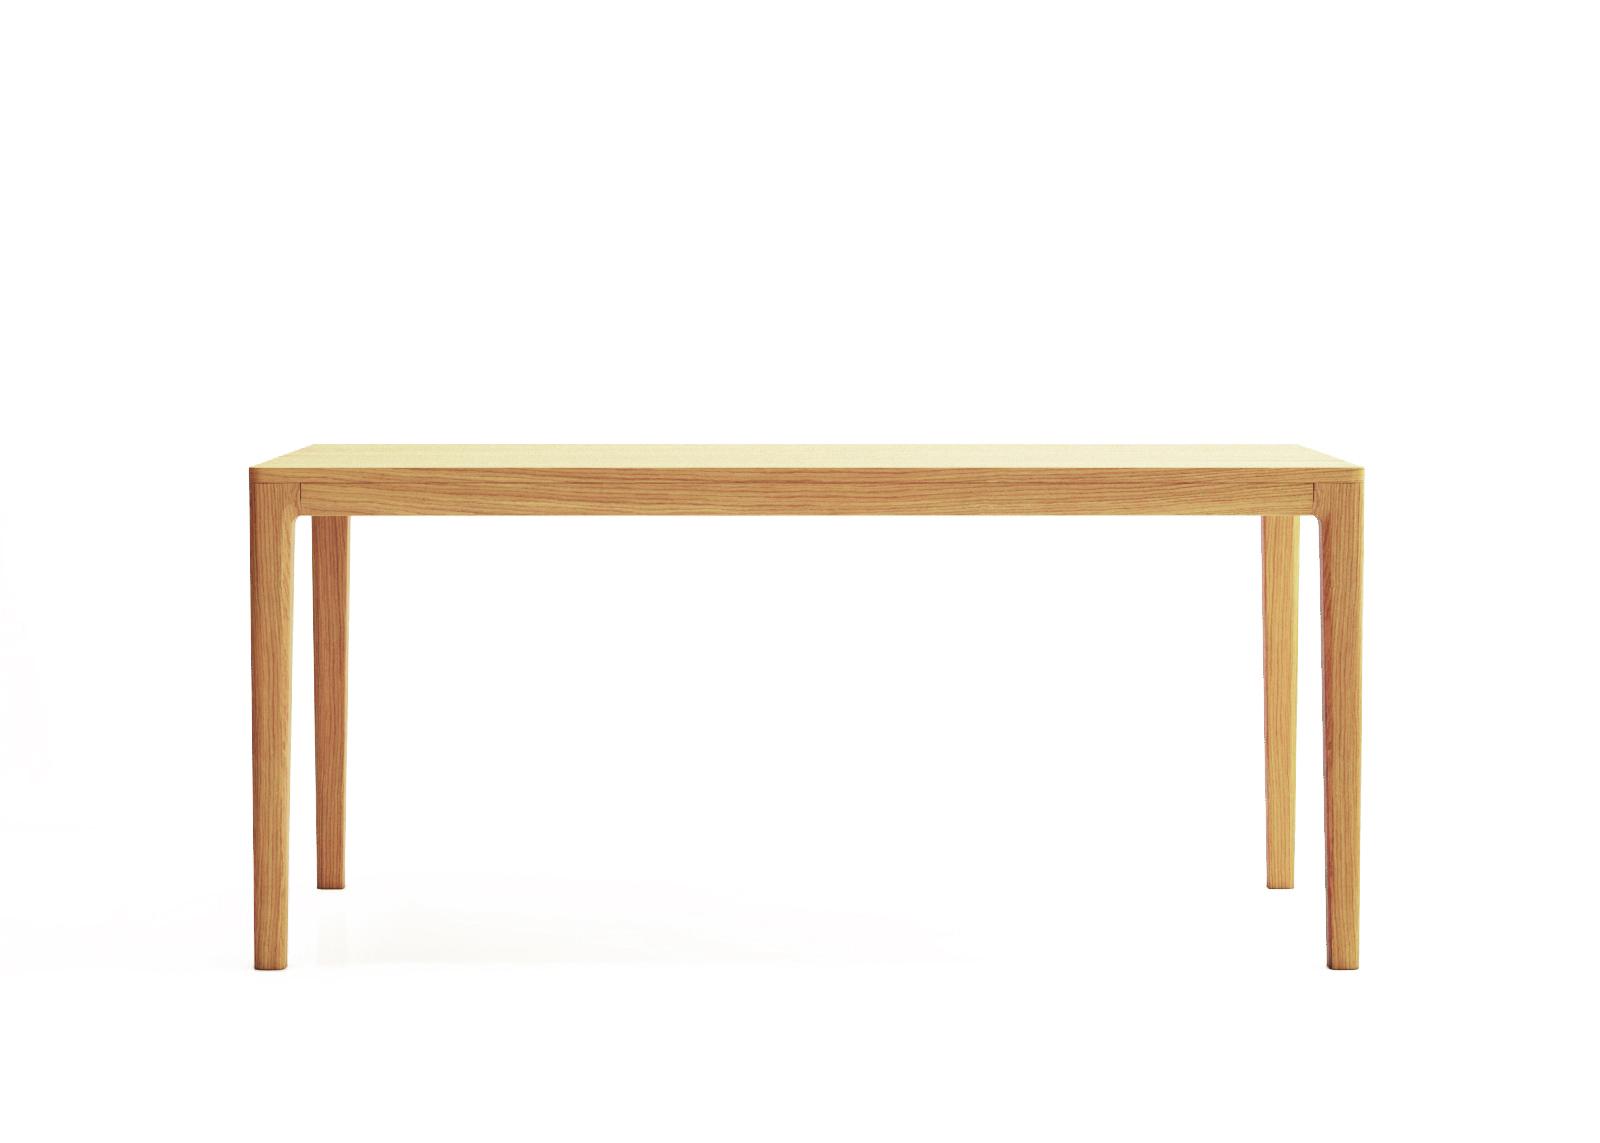 Обеденный стол MAVISОбеденные столы<br>Обеденный стол MAVIS представляет собой безупречный дизайн, элегантность и универсальность.<br>Благодаря своему внешнему минимализму MAVIS отлично впишется в интерьер кухни, столовой или офиса,<br>кроме того, к нему подойдет множество самых разных типов стульев.<br>Размеры стола рассчитаны на 6-8 персон.<br>Стол MAVIS доступен в пяти видах отделки: светлый дуб, темный дуб, дуб венге, беленый дуб, дуб орех.<br><br>Material: Дуб<br>Length см: None<br>Width см: 160<br>Depth см: 75<br>Height см: 80